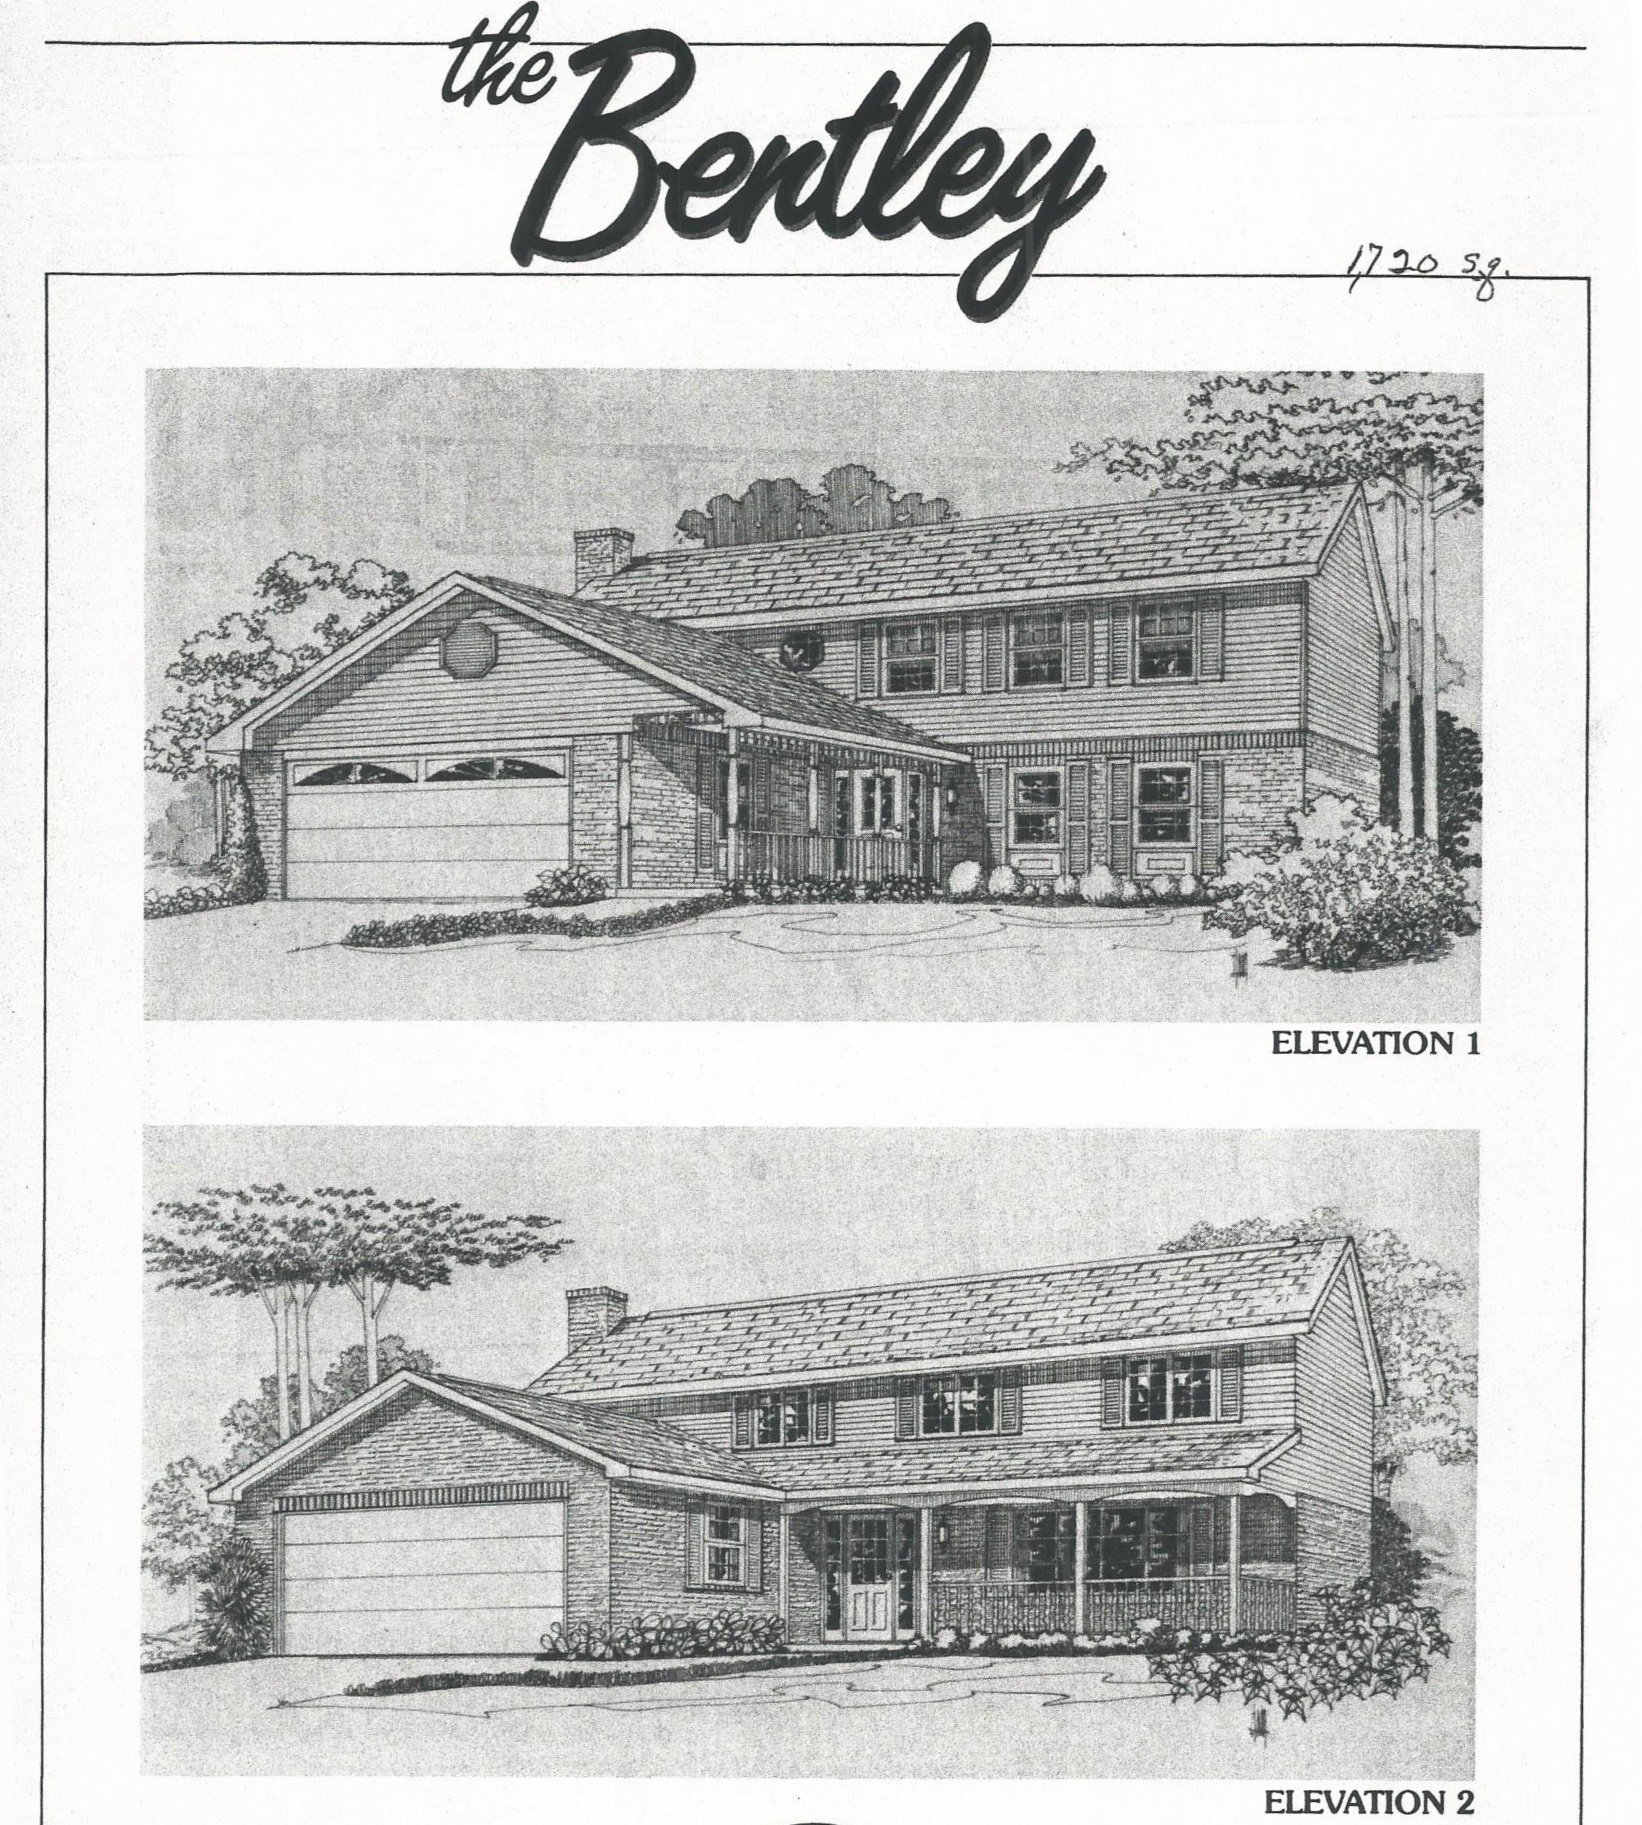 Huber Home models: The Bentley